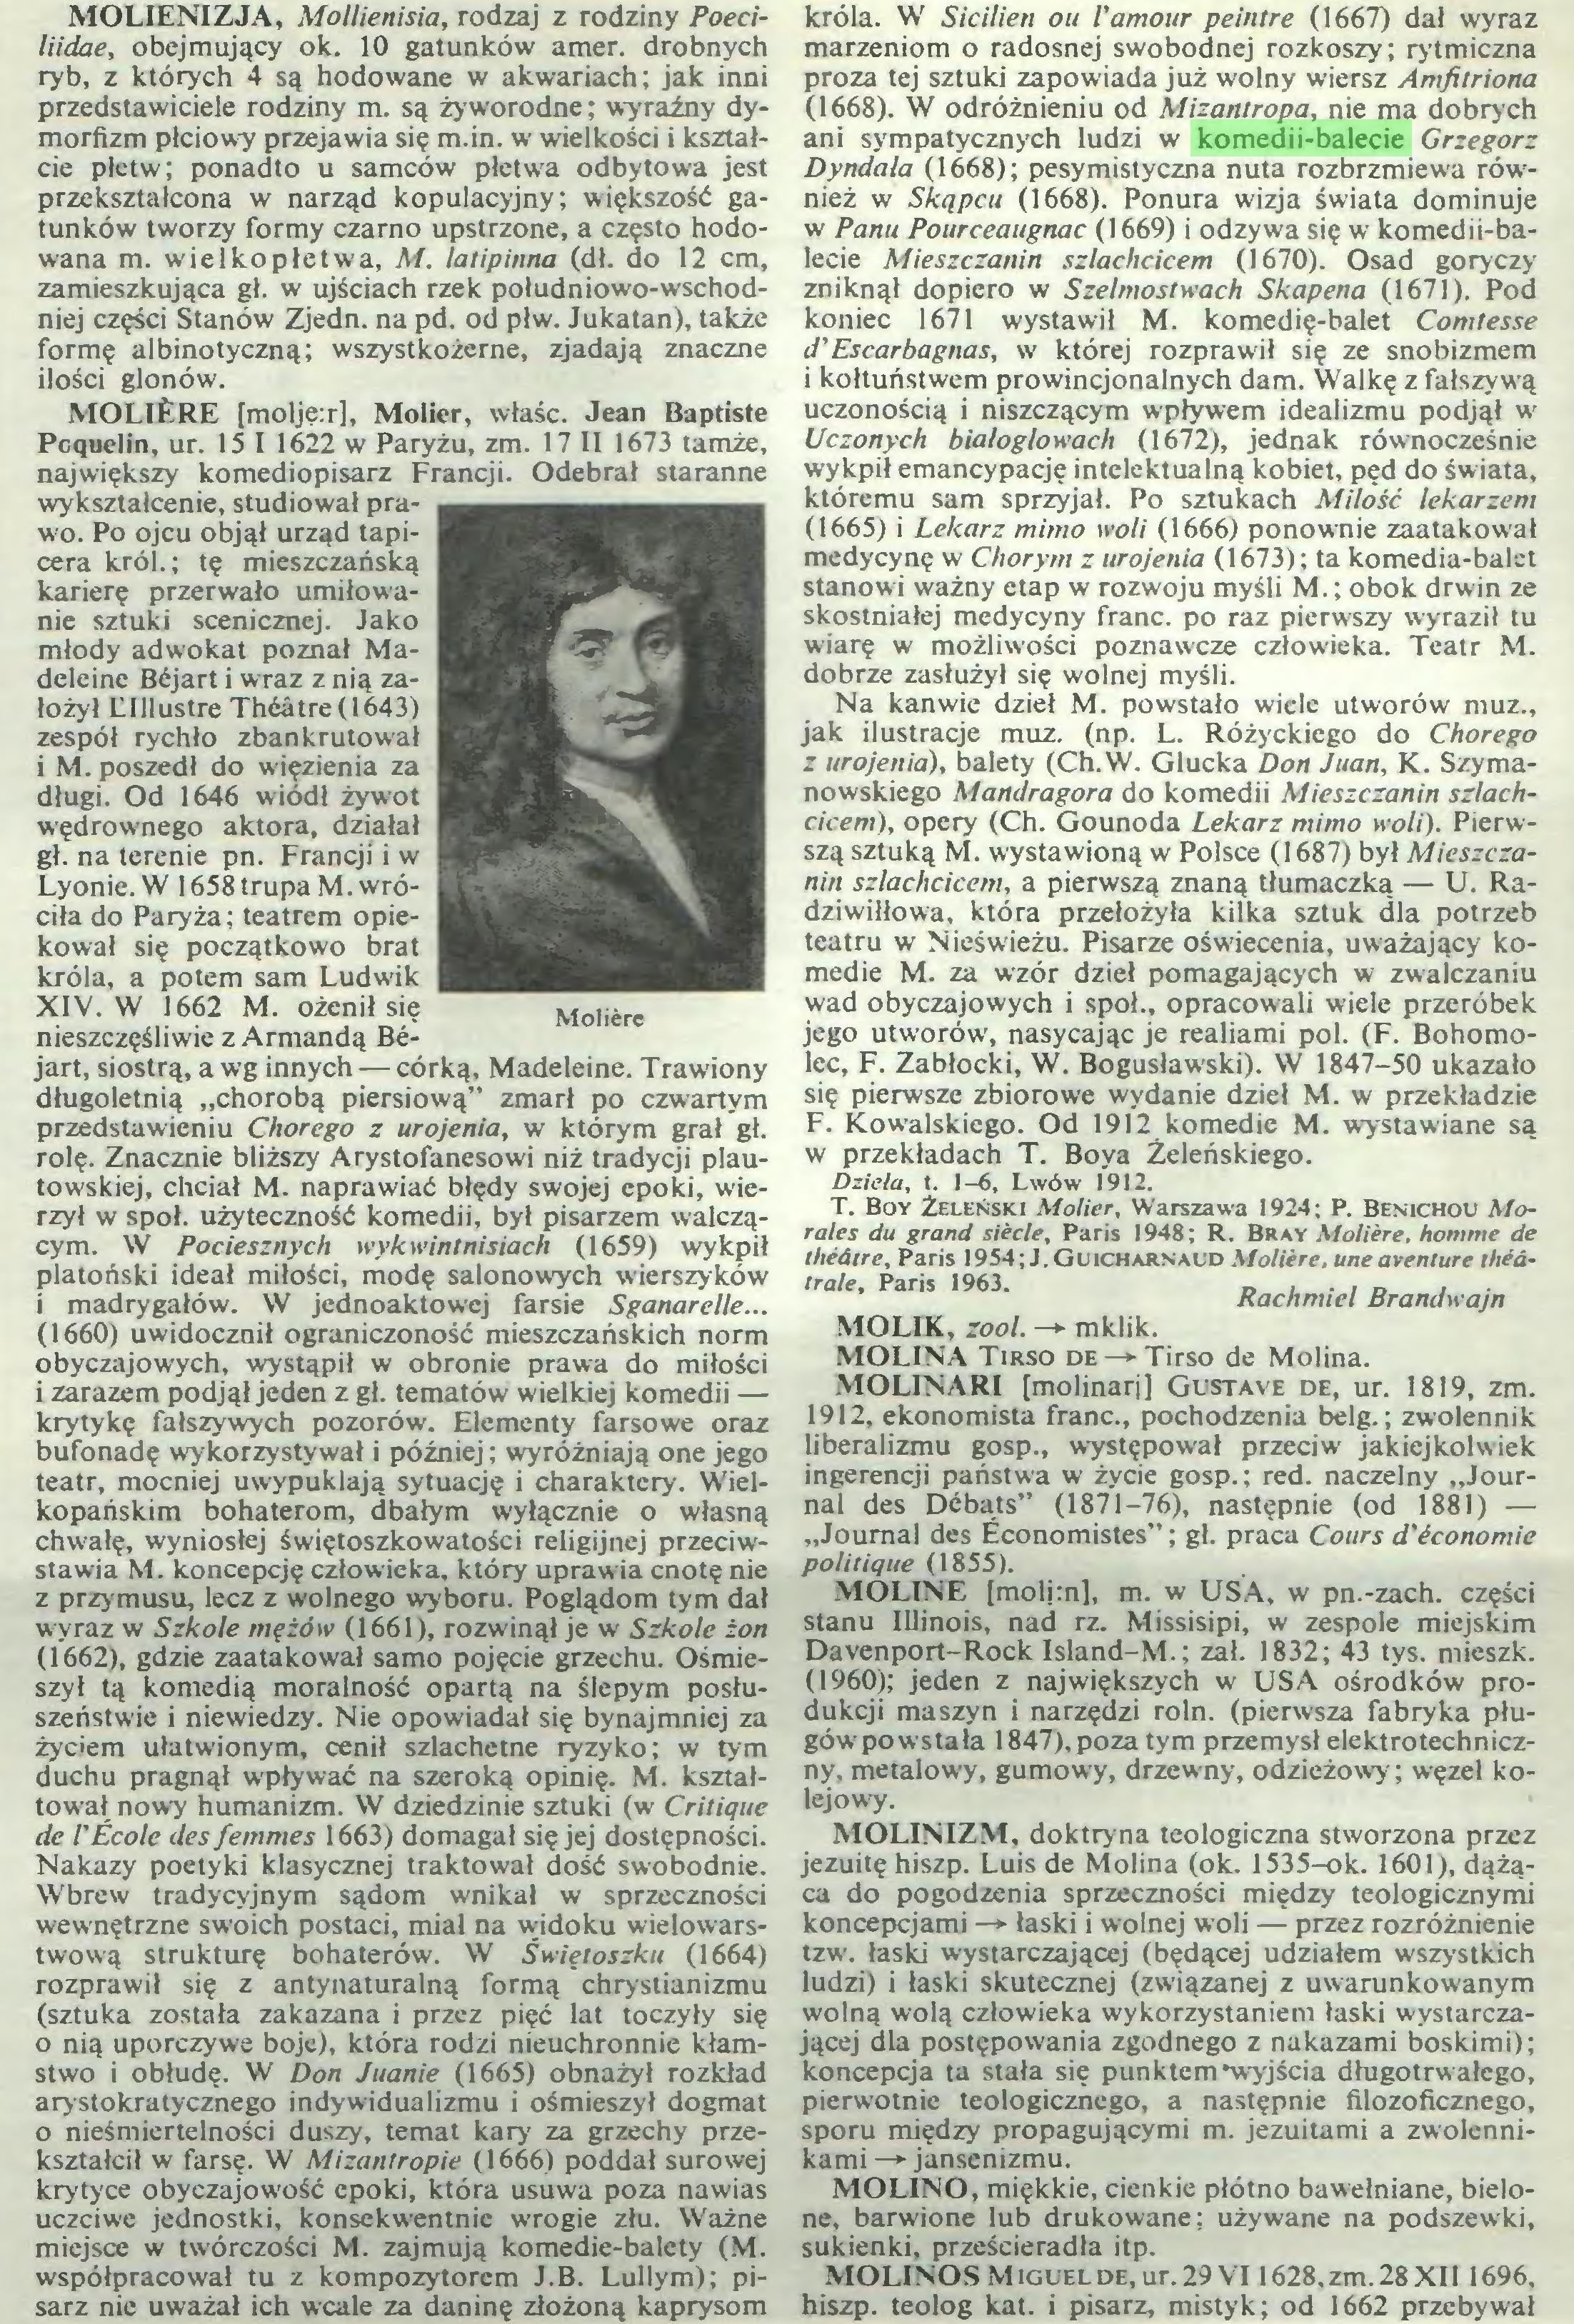 (...) współpracował tu z kompozytorem J.B. Lullym); pisarz nie uważał ich wcale za daninę złożoną kaprysom króla. W Sicilien ou l'amour peintre (1667) dał wyraz marzeniom o radosnej swobodnej rozkoszy; rytmiczna proza tej sztuki zapowiada już wolny wiersz Amfitriona (1668). W odróżnieniu od Mizantropa, nie ma dobrych ani sympatycznych ludzi w komedii-balecie Grzegorz Dyndała (1668); pesymistyczna nuta rozbrzmiewa rówrnież w Skąpcu (1668). Ponura wizja świata dominuje w Panu Pourceaugnac (1669) i odzywa się w komedii-balecie Mieszczanin szlachcicem (1670). Osad goryczy...